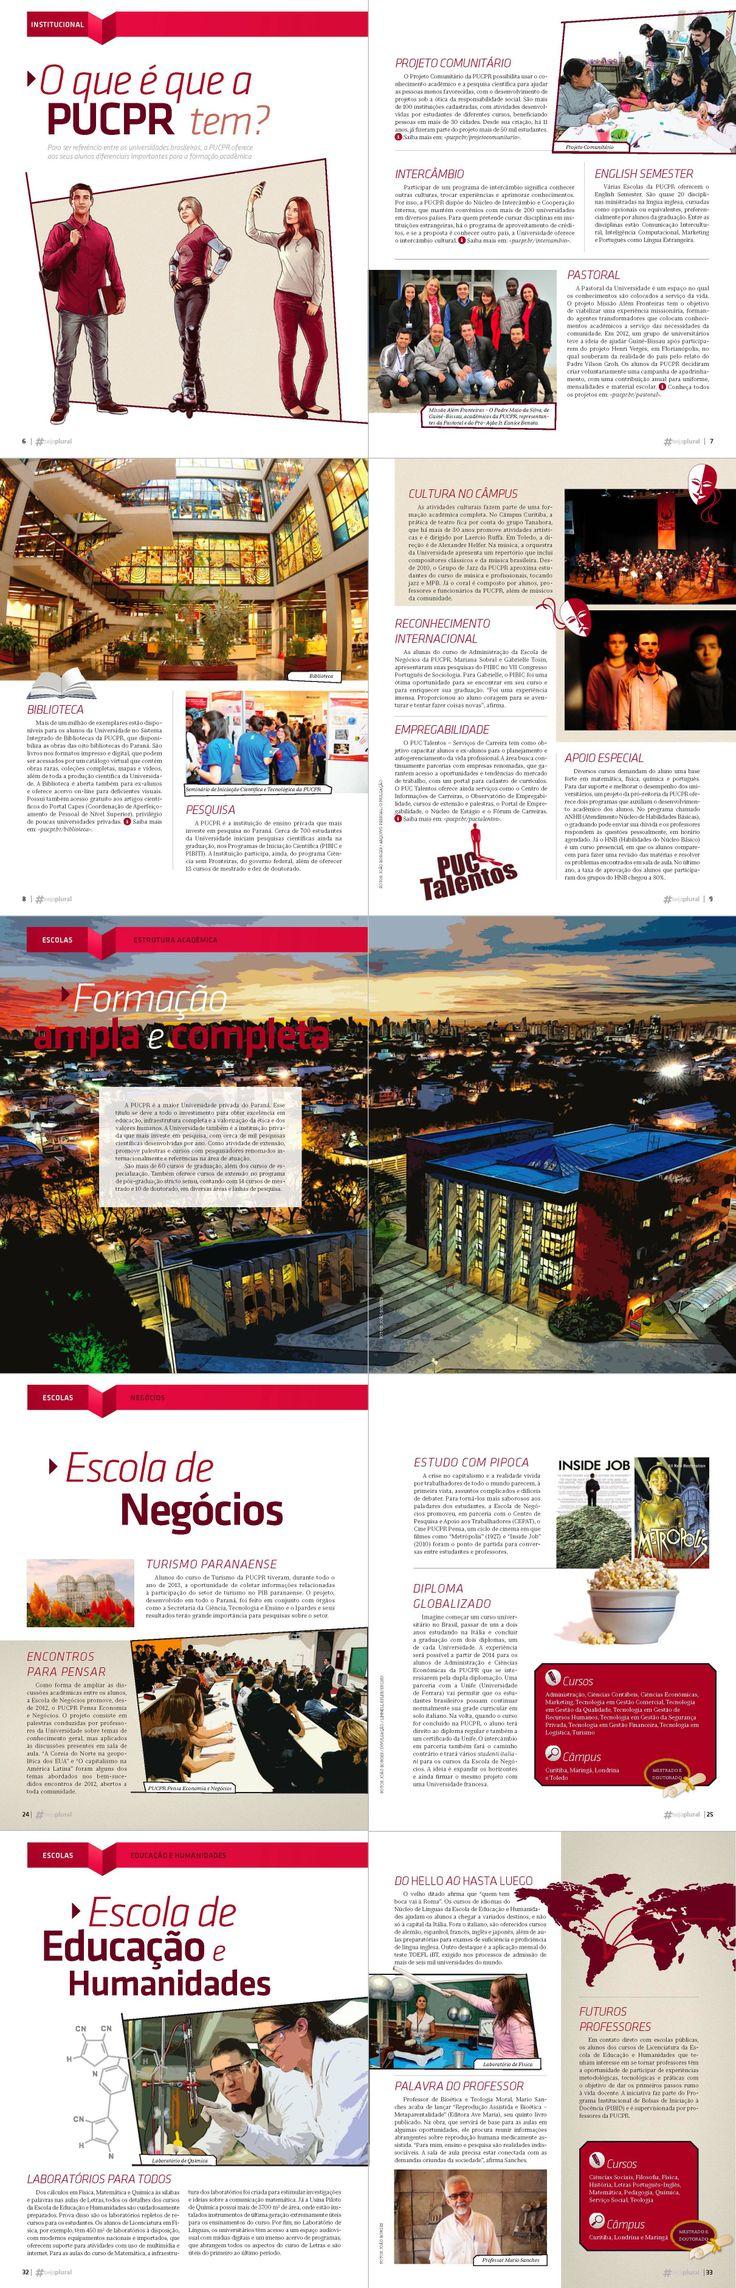 Designed by Lais Pancote :: PAGES #SejaPlural Magazine Edição Especial Vida Universitária PUCPR - Olik Comunicação - October/2013